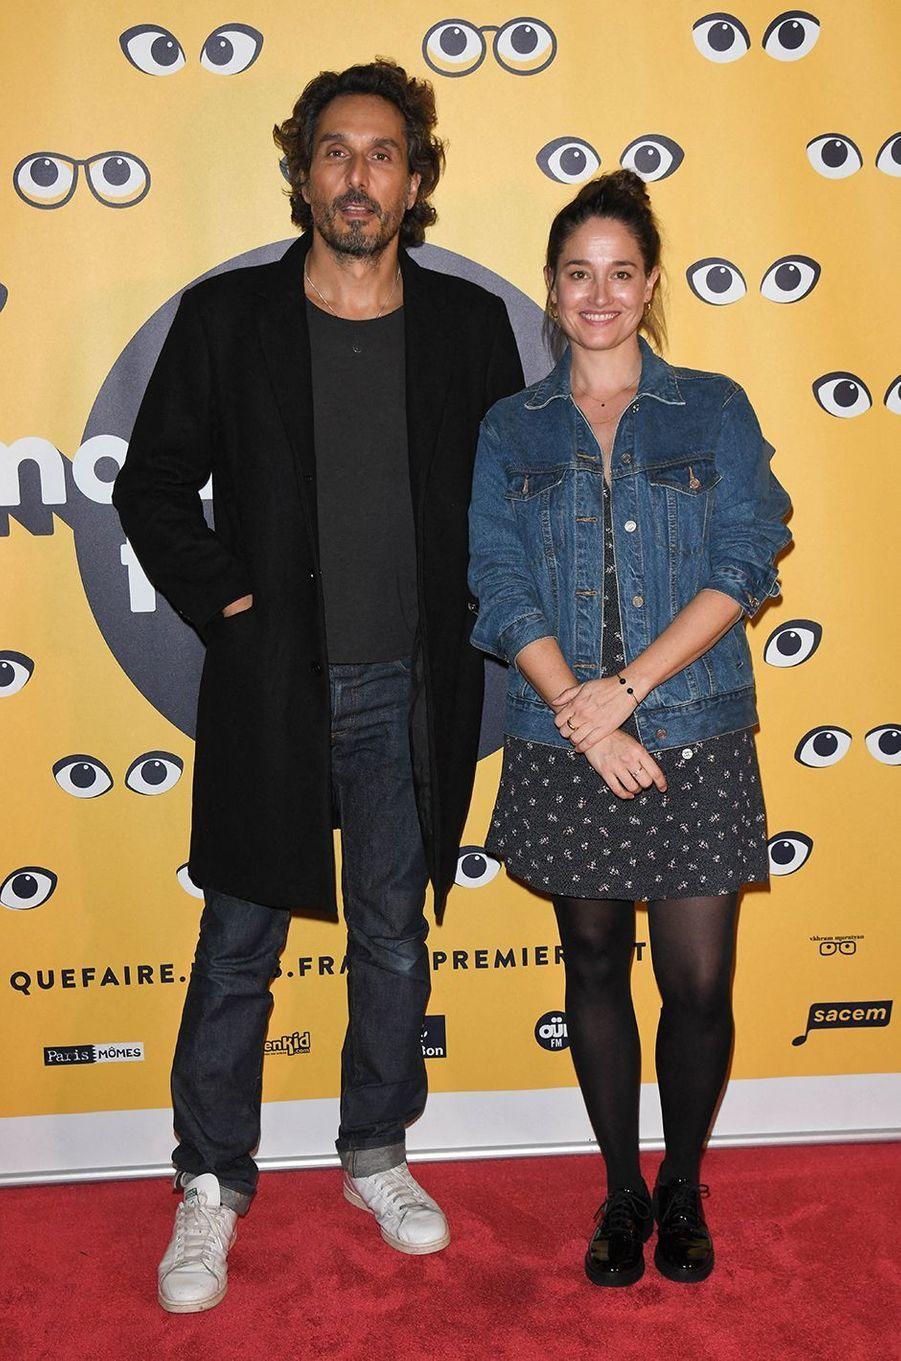 Vincent Elbaz et Marie Gillainpour la présentation du film «Mystère» lors de la 16e édition de Mon Premier Festival au Forum des Images à Paris le 21 octobre 2020